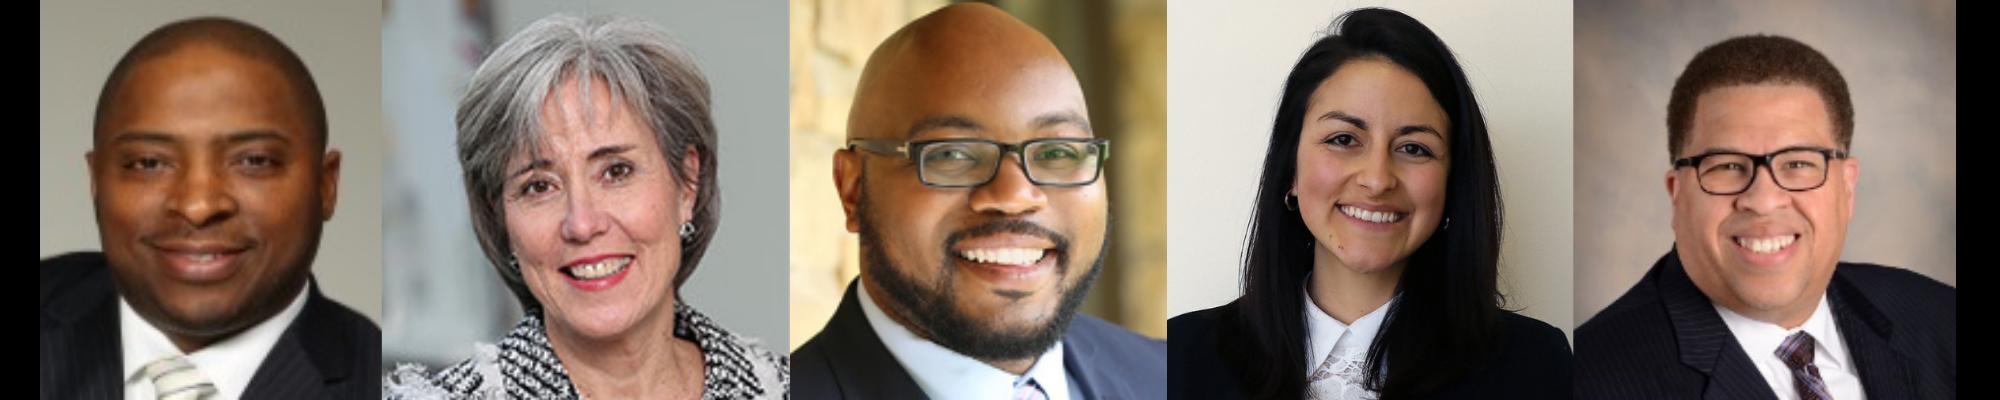 2020 NPD Panelists Headshots